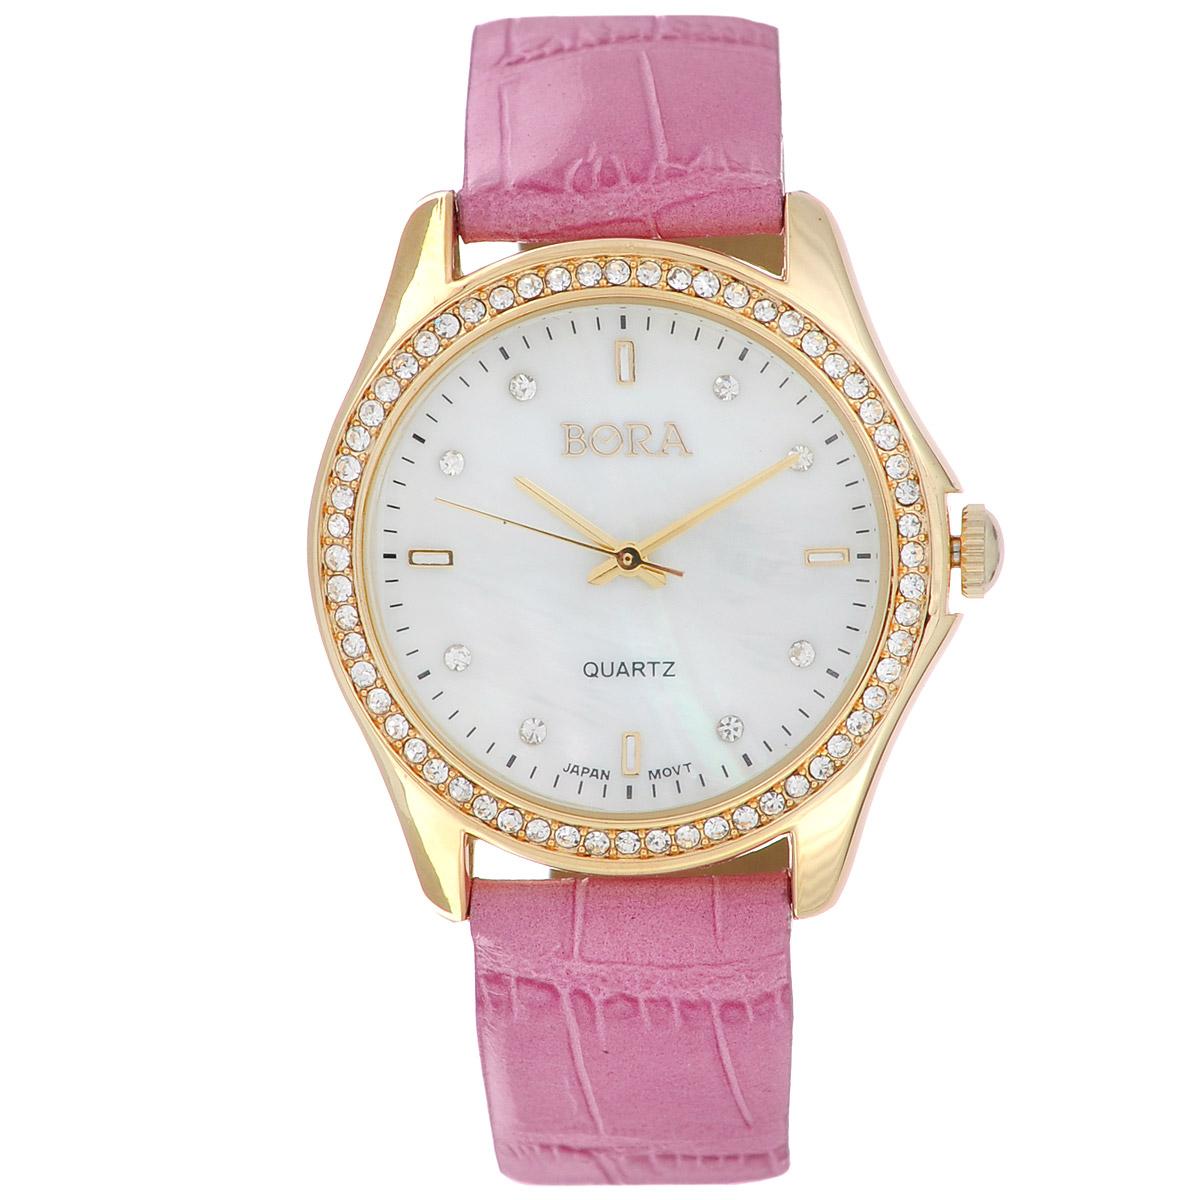 Часы наручные женские Bora, цвет: пурпурный, золотой. FWL019L / T-B-8506-WATCH-GL.H.PINKFWL019L / T-B-8506-WATCH-GL.H.PINKЧасы торговой марки Bora отличает изысканный стиль и превосходное качество изготовления. Японский механизм Seiko отличает невероятная точность. С ними вы точно не пропустите ничего интересного. Корпус часов выполнен из легированного металлического сплава, украшен стразами. Ремешок изготовлен из натуральной кожи и декорирован тиснением под крокодила, застегивается на классическую застежку-пряжку. Практичная и незаменимая вещь в сумасшедшем ритме современной жизни. Стильный и элегантный аксессуар идеально дополнит ваш повседневный образ. Характеристики: Размеры корпуса: 3,5 х 3,5 х 0,7 см. Размеры ремешка без учета корпуса: 18 х 1,8 см. Не водостойкие.